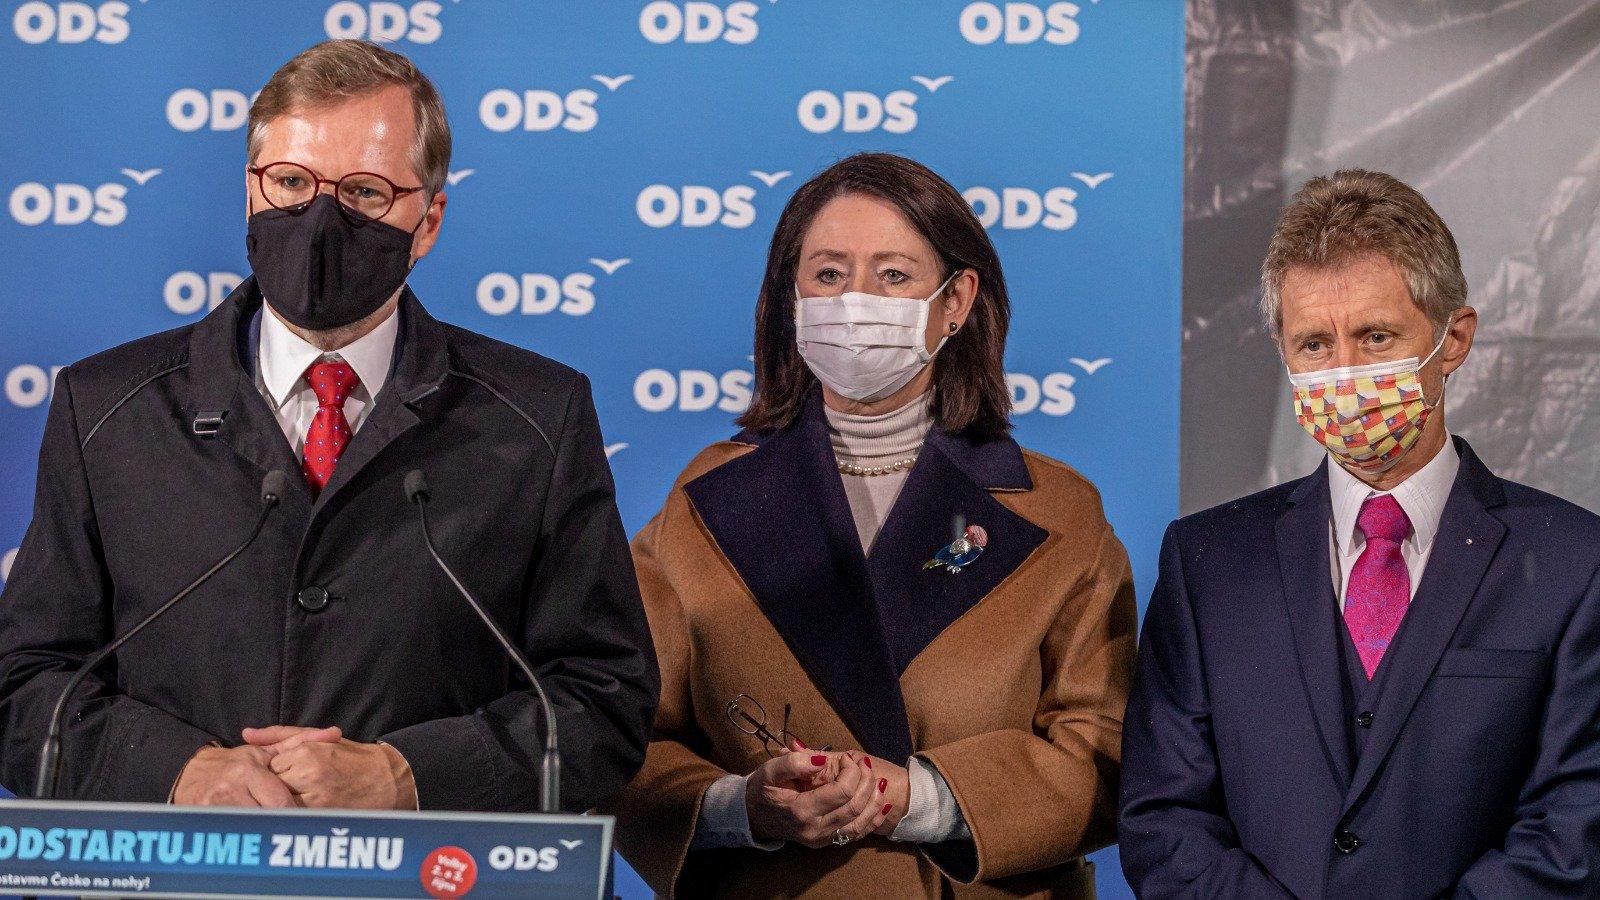 ODS: Posílili jsme senátorský klub ODS a zachováme demokratickou většinu v Senátu